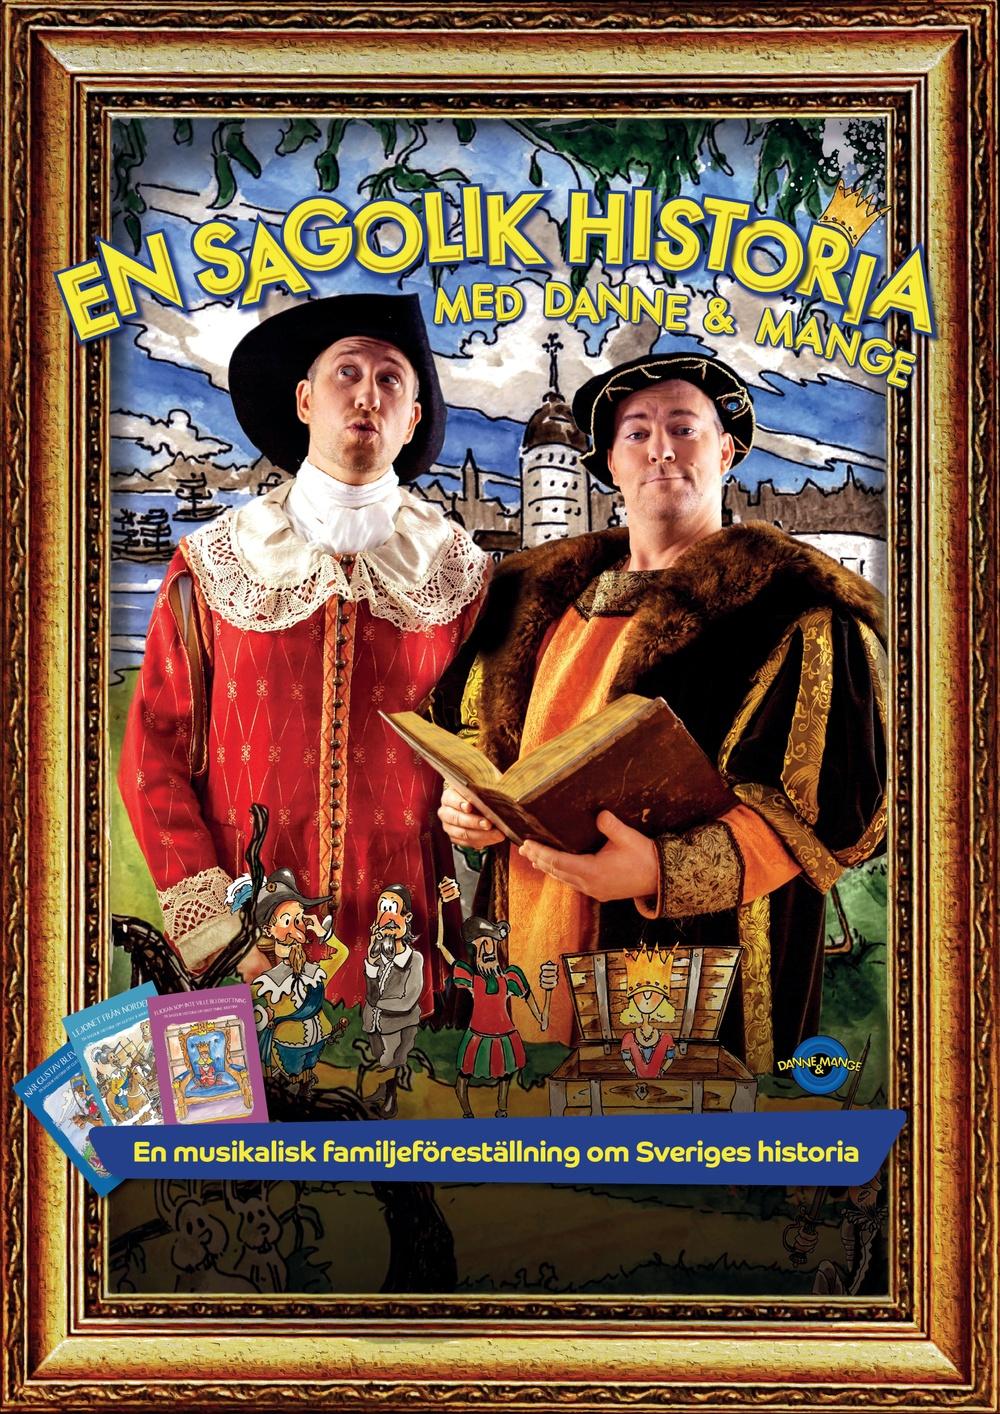 Foto: Niklas Hellström. En sagolik historia är en familjeförställning om svensk historia med Danne & Mange.